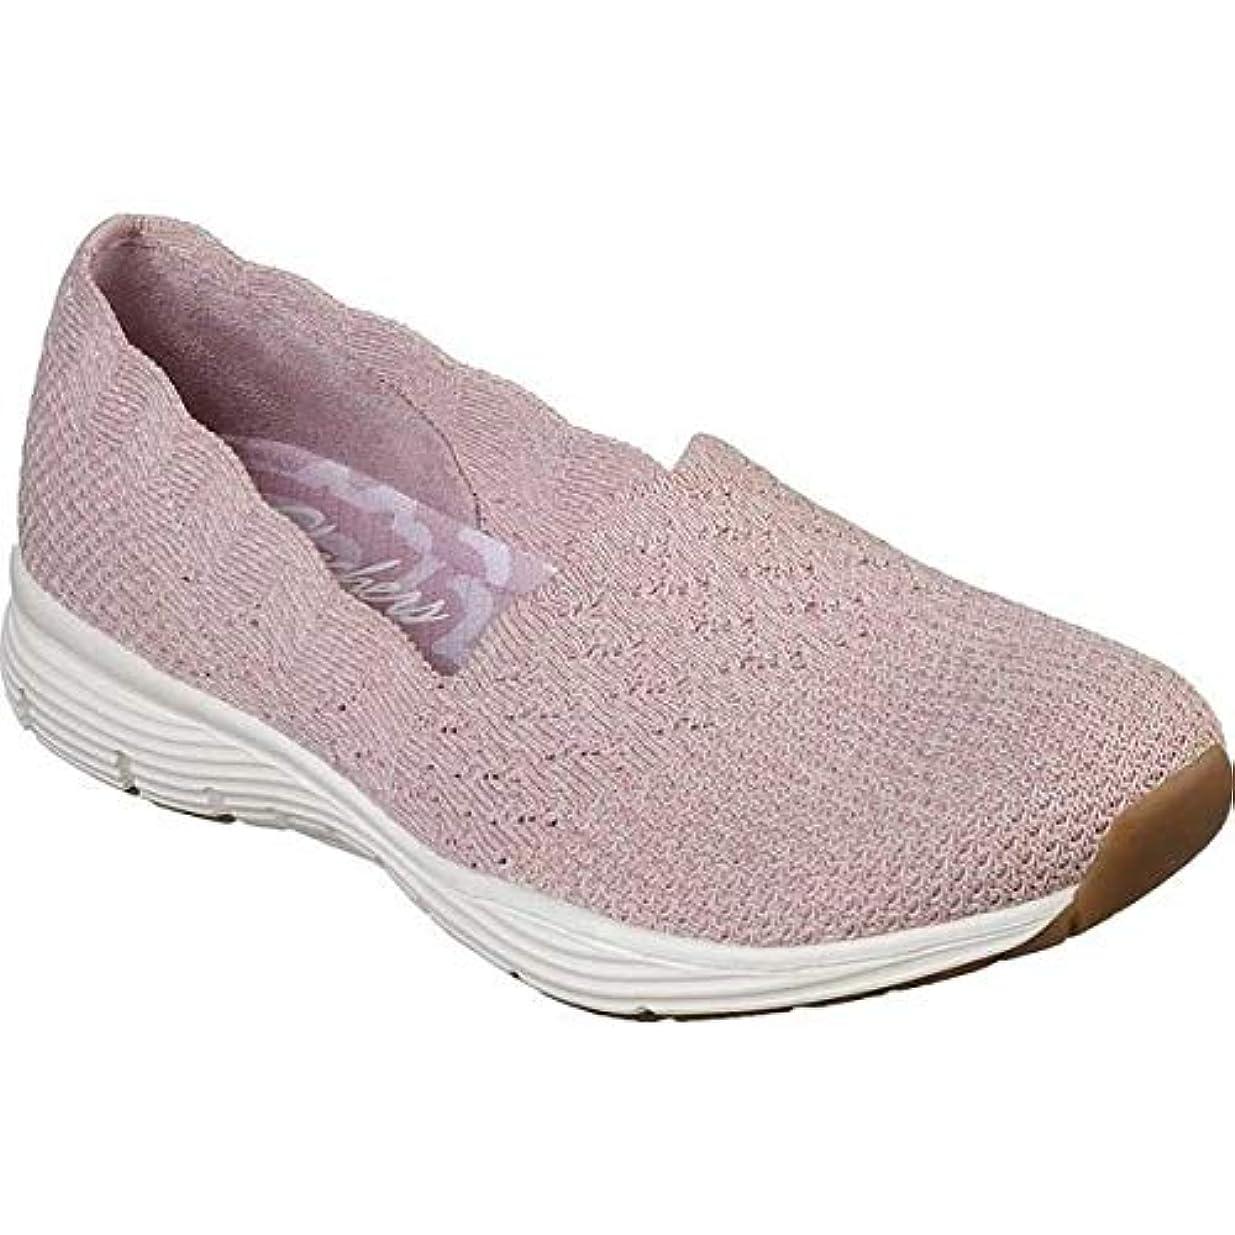 アルカトラズ島国民投票ペンダント[スケッチャーズ] レディース スニーカー Seager Stat Slip-On Shoe [並行輸入品]